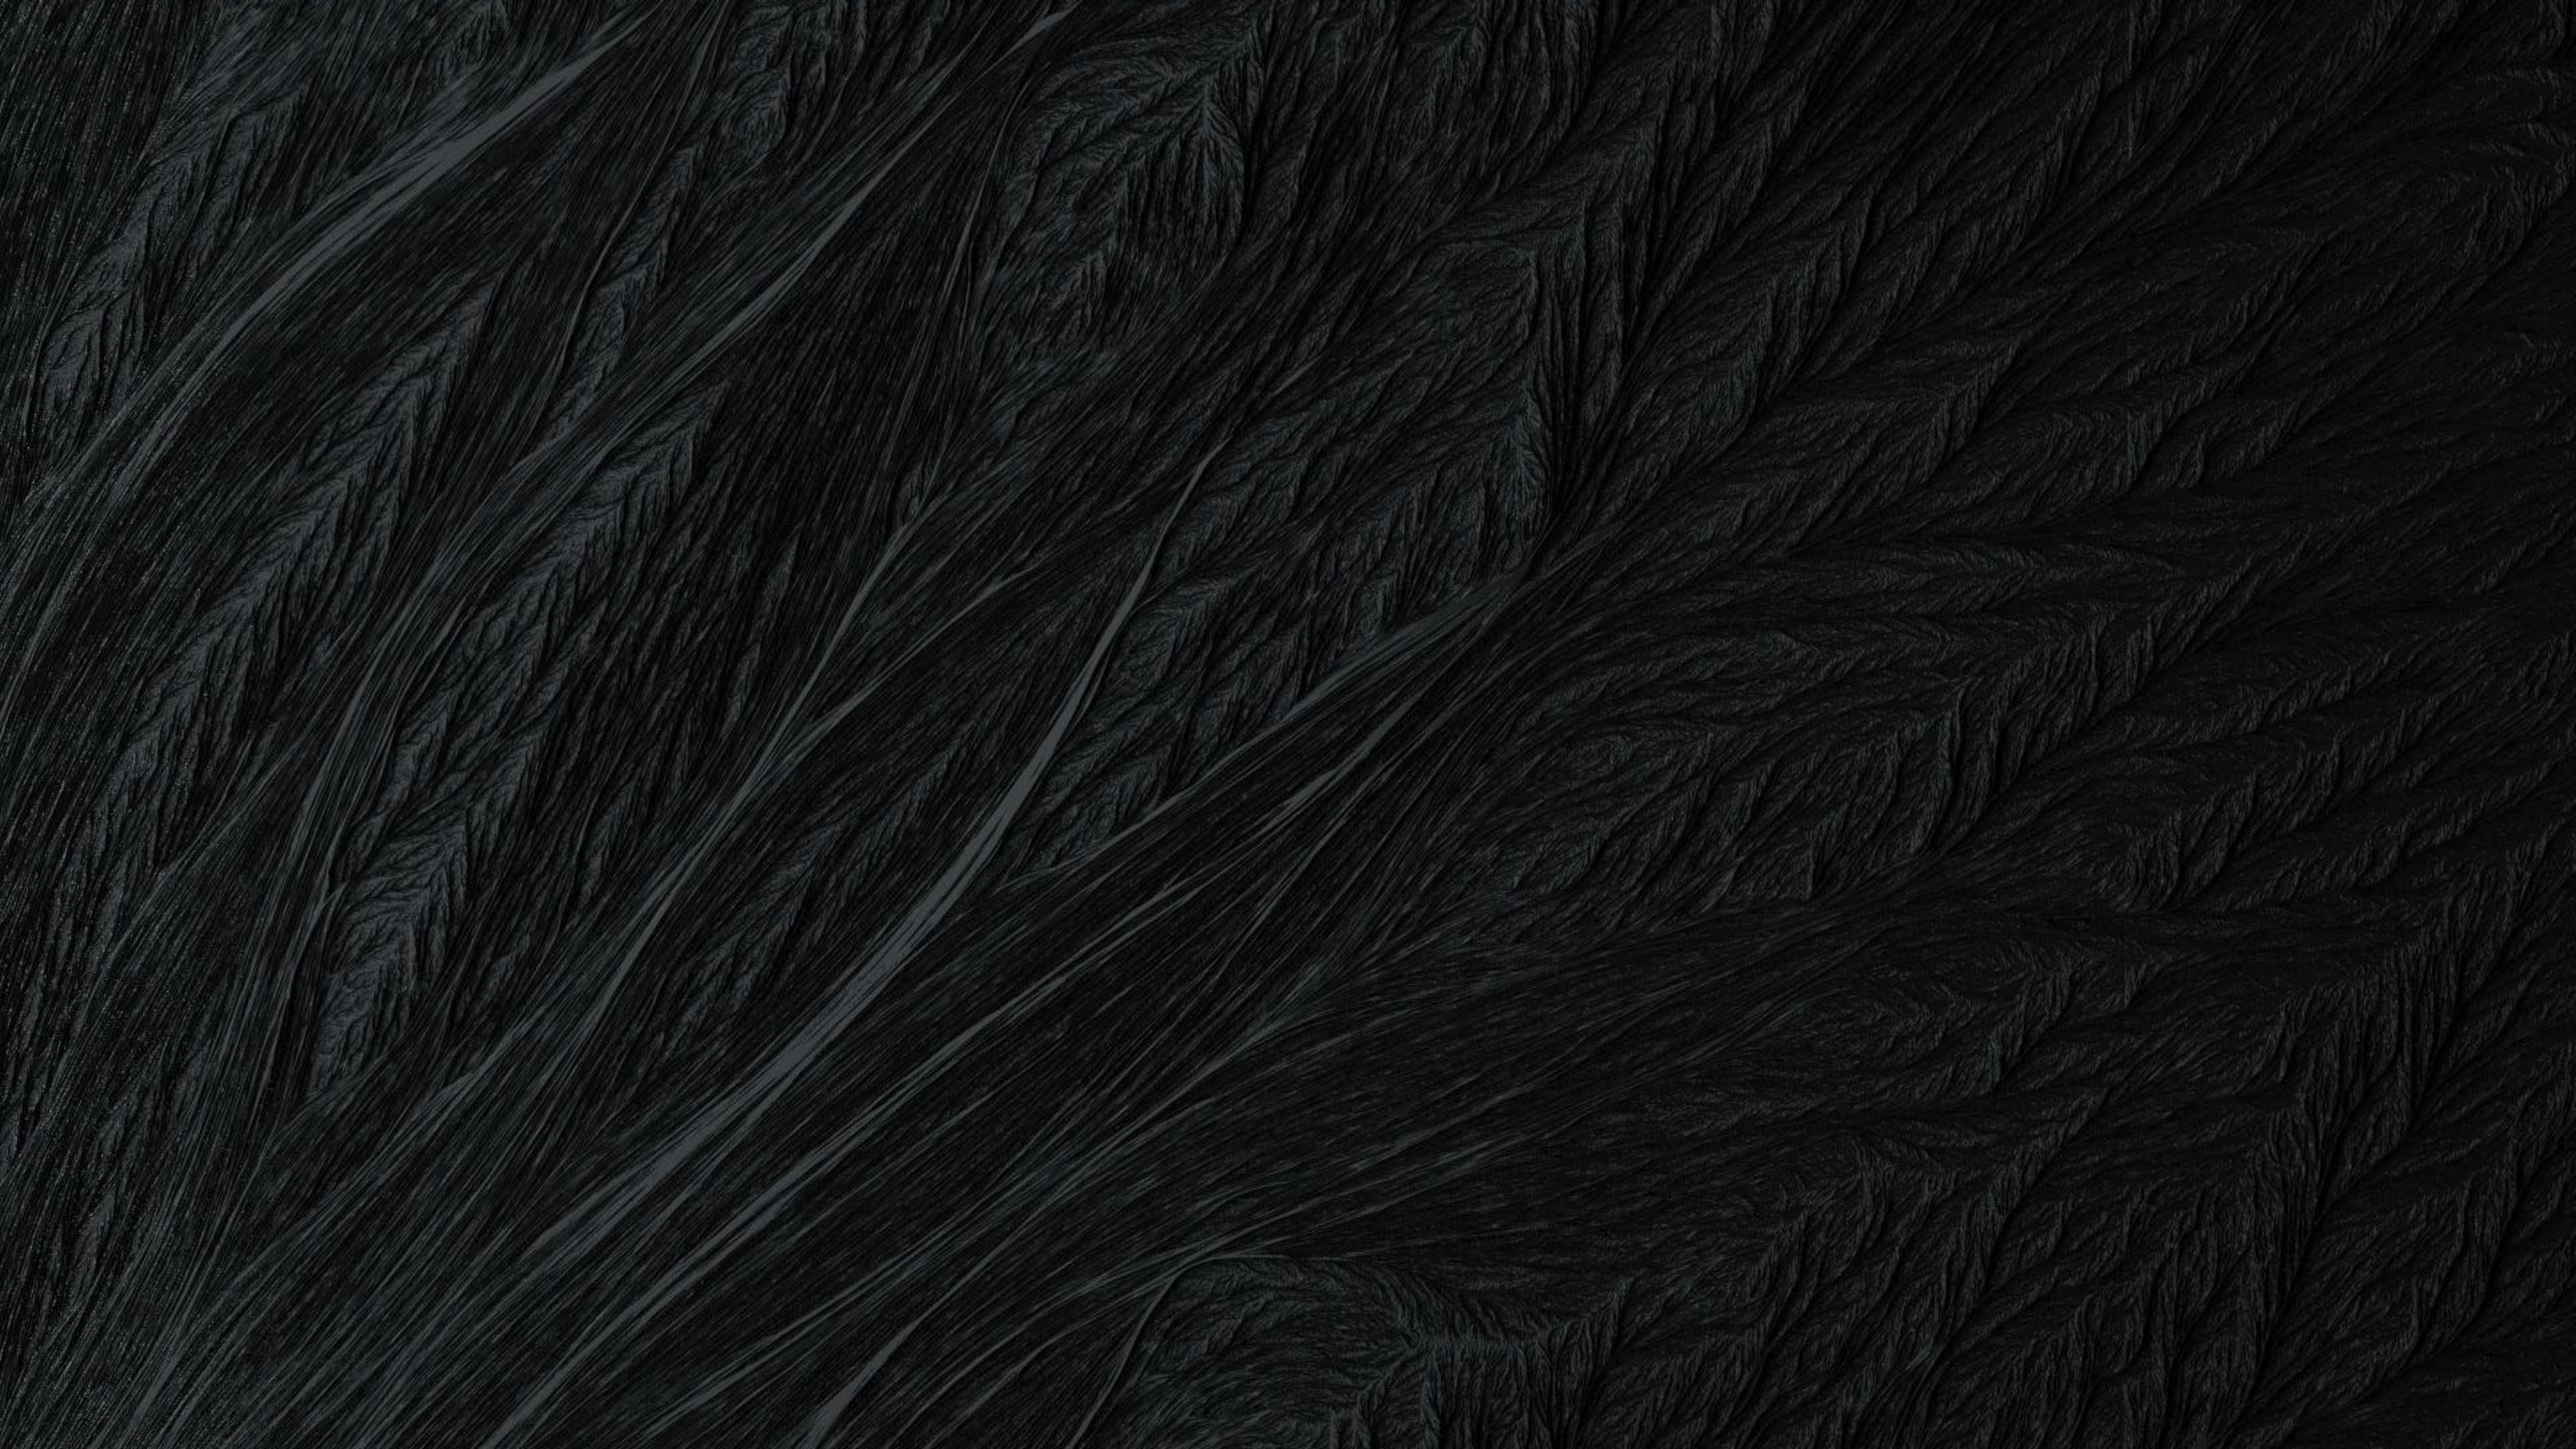 Black Scratched Paint Texture Wallpaper 42274   Baltana 3840x2160